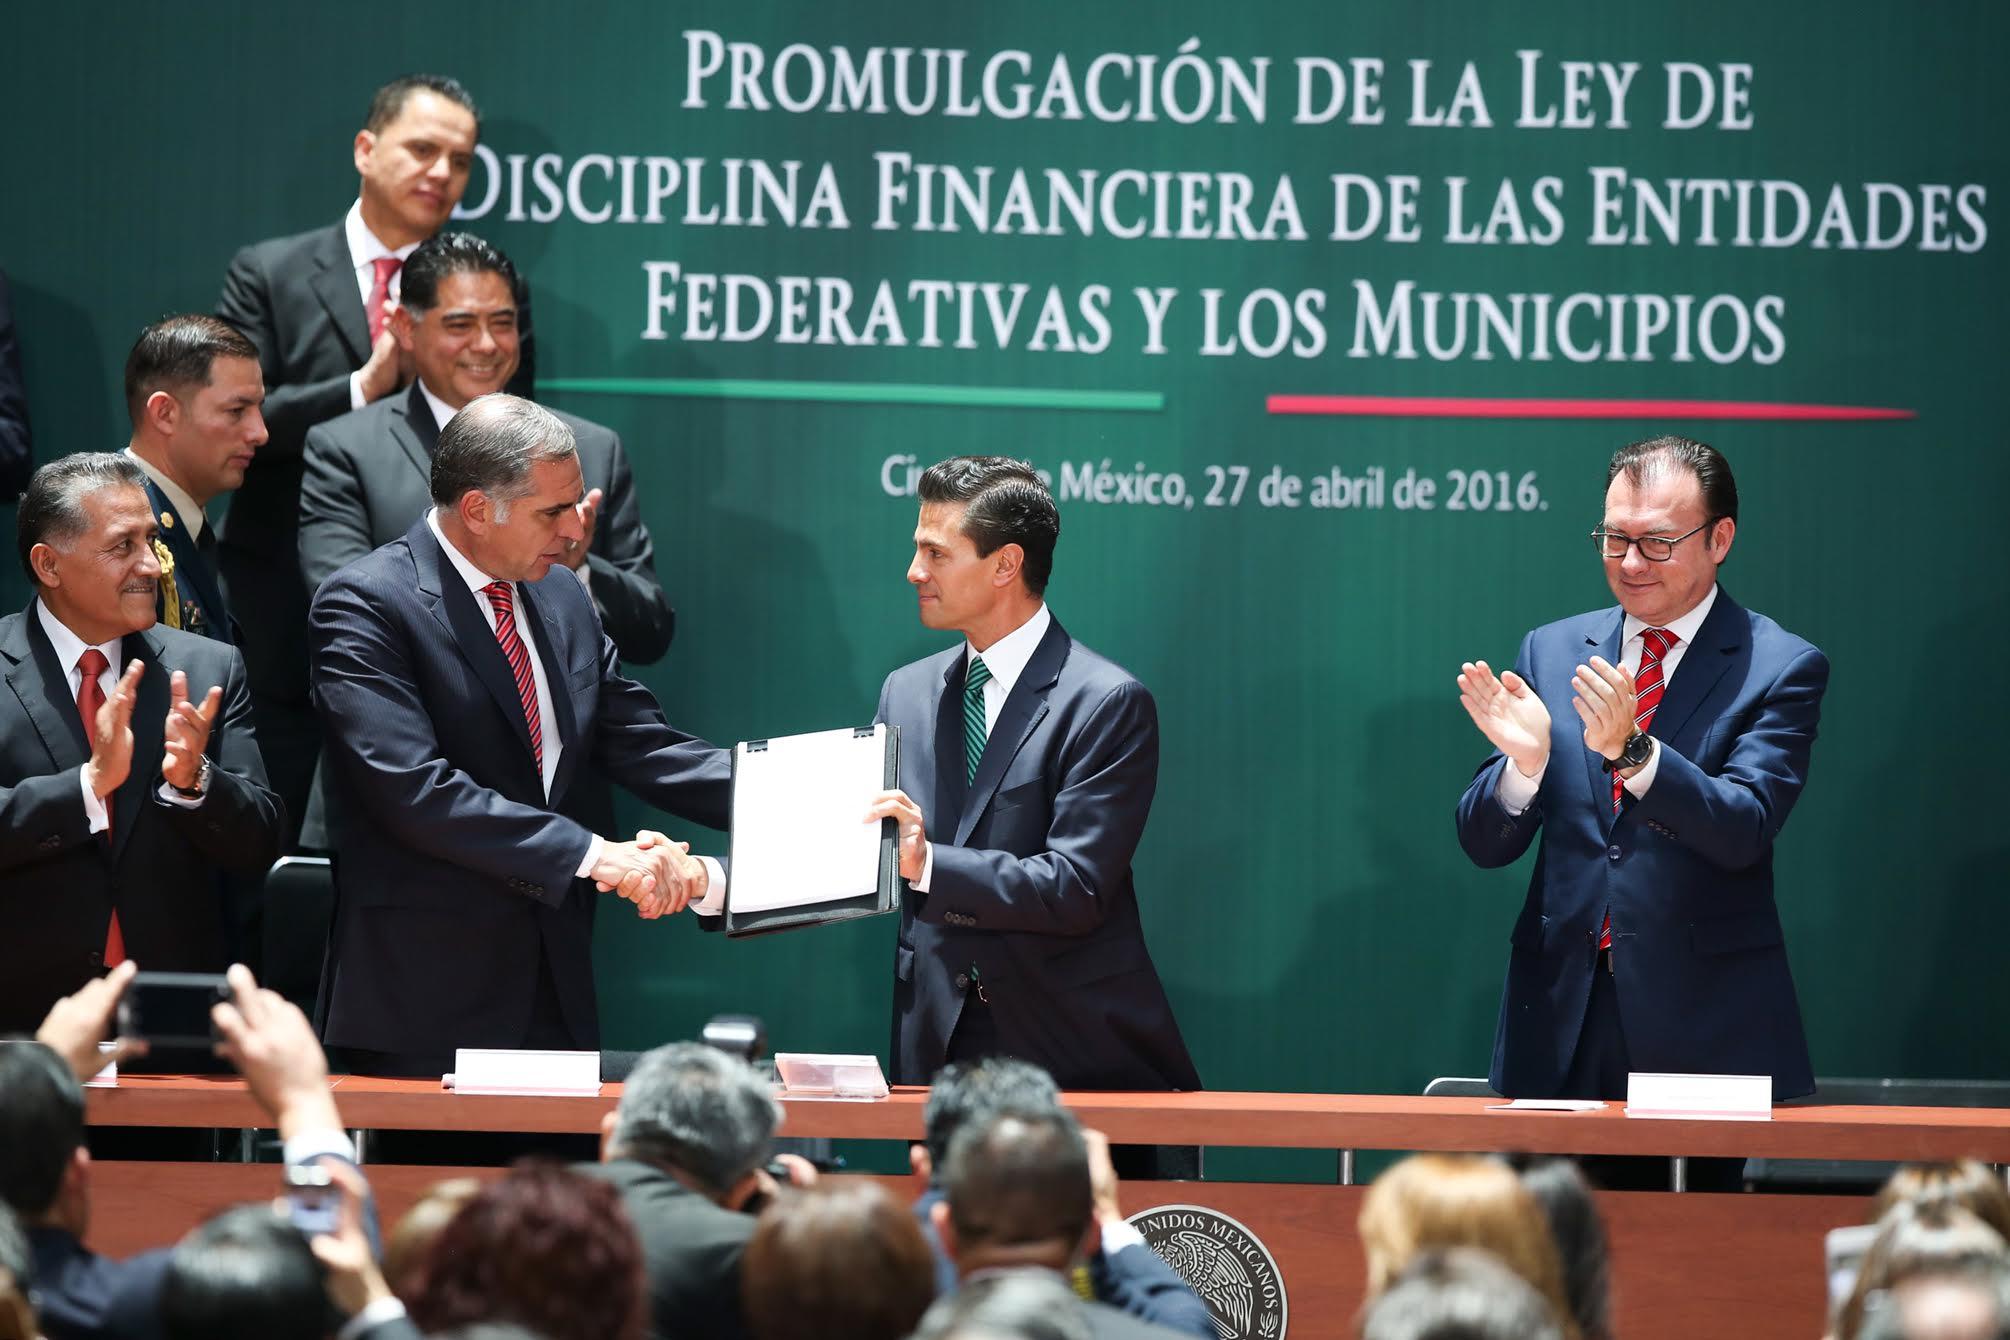 """""""México no tiene un exceso de endeudamiento subnacional. La deuda agregada de los estados y municipios, representa el 3.1 por ciento del Producto Interno Bruto"""", doctor Luis Videgaray Caso."""